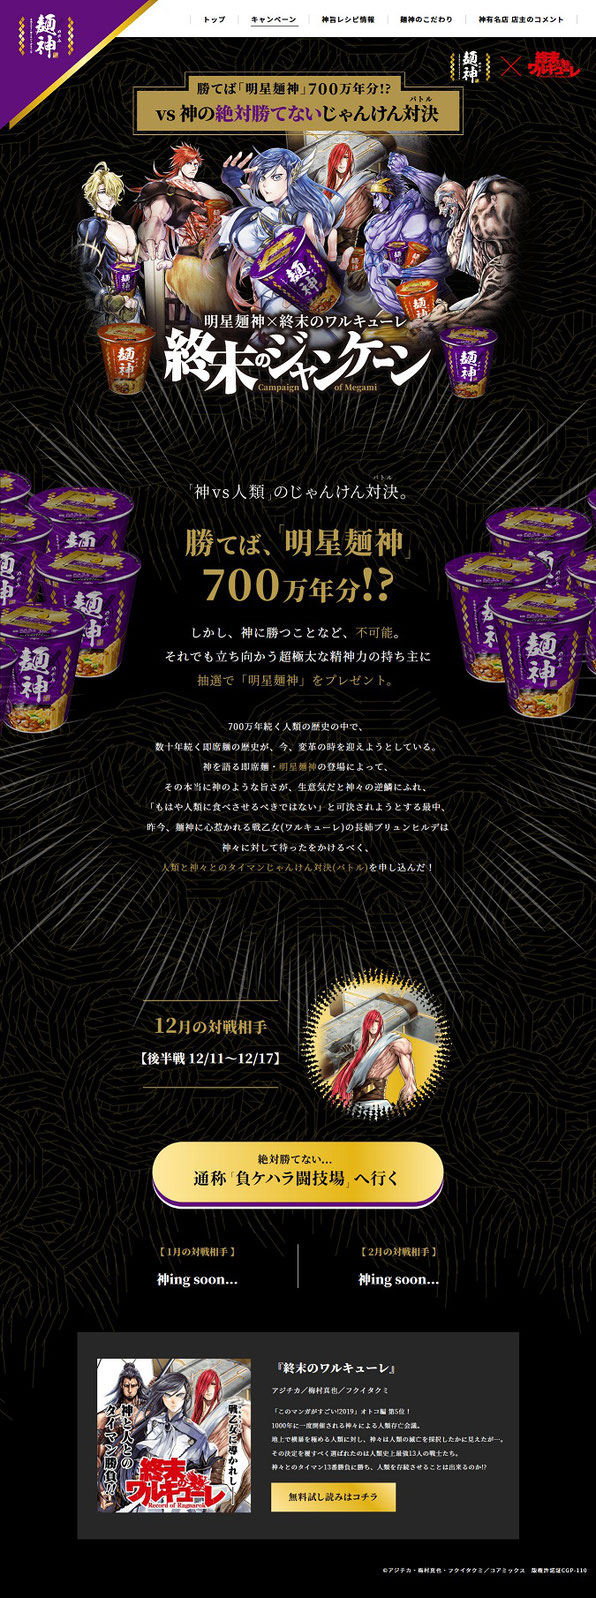 【明星】麺神 終末のワルキューレ「終末のジャンケーン」キャンペーン